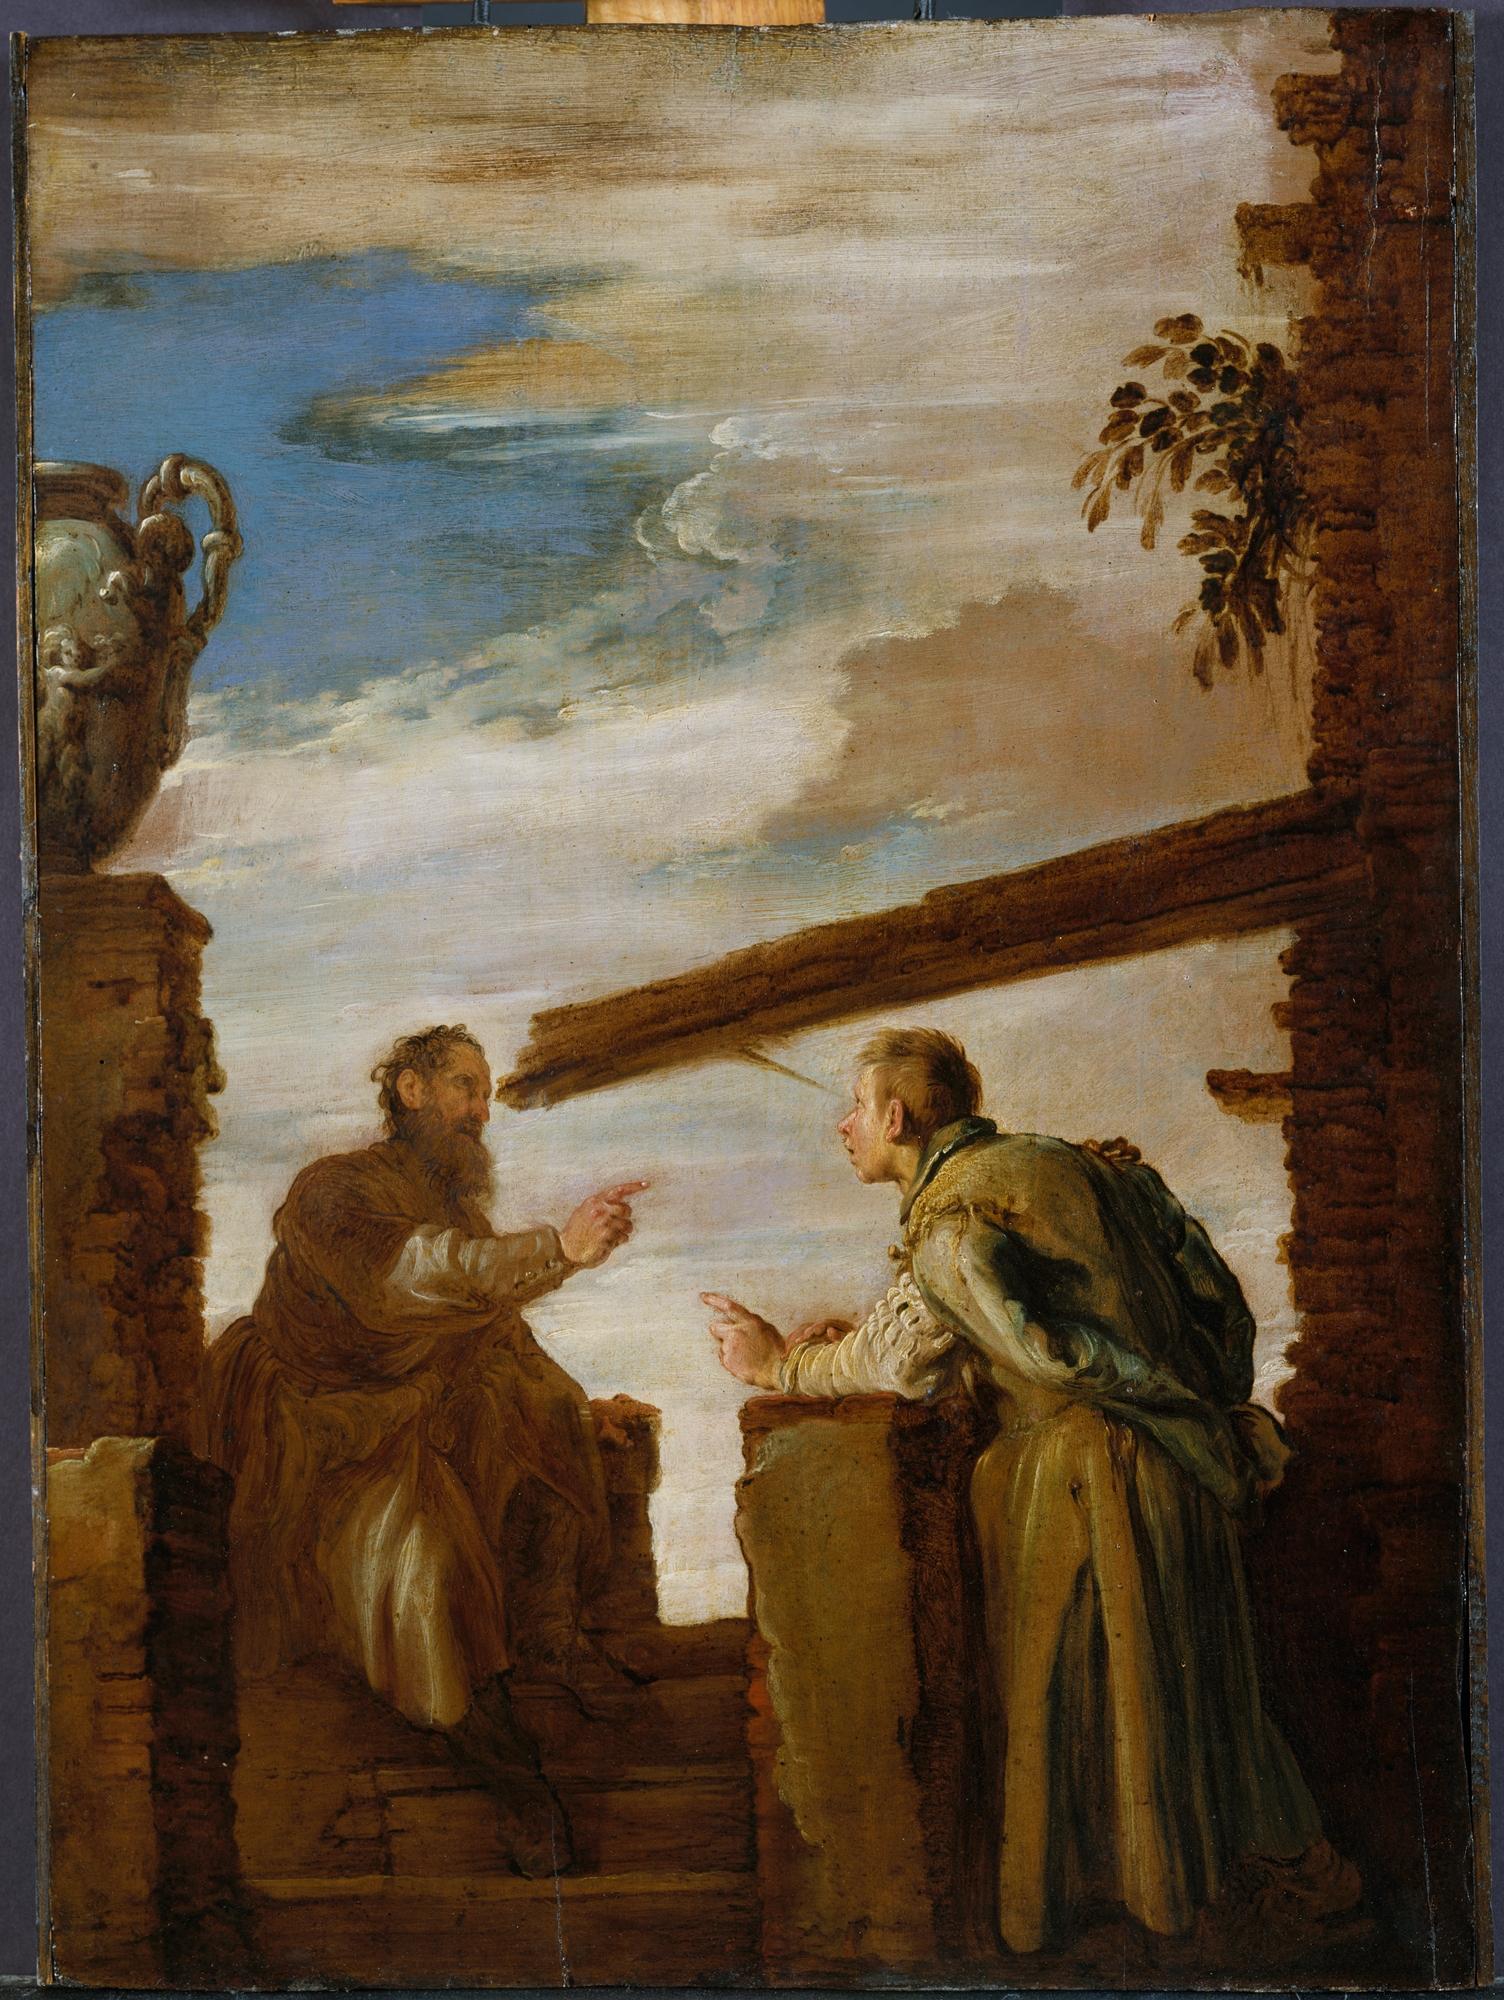 La paille et la poutre par Domenico Fetti via fr.wikipedia.org